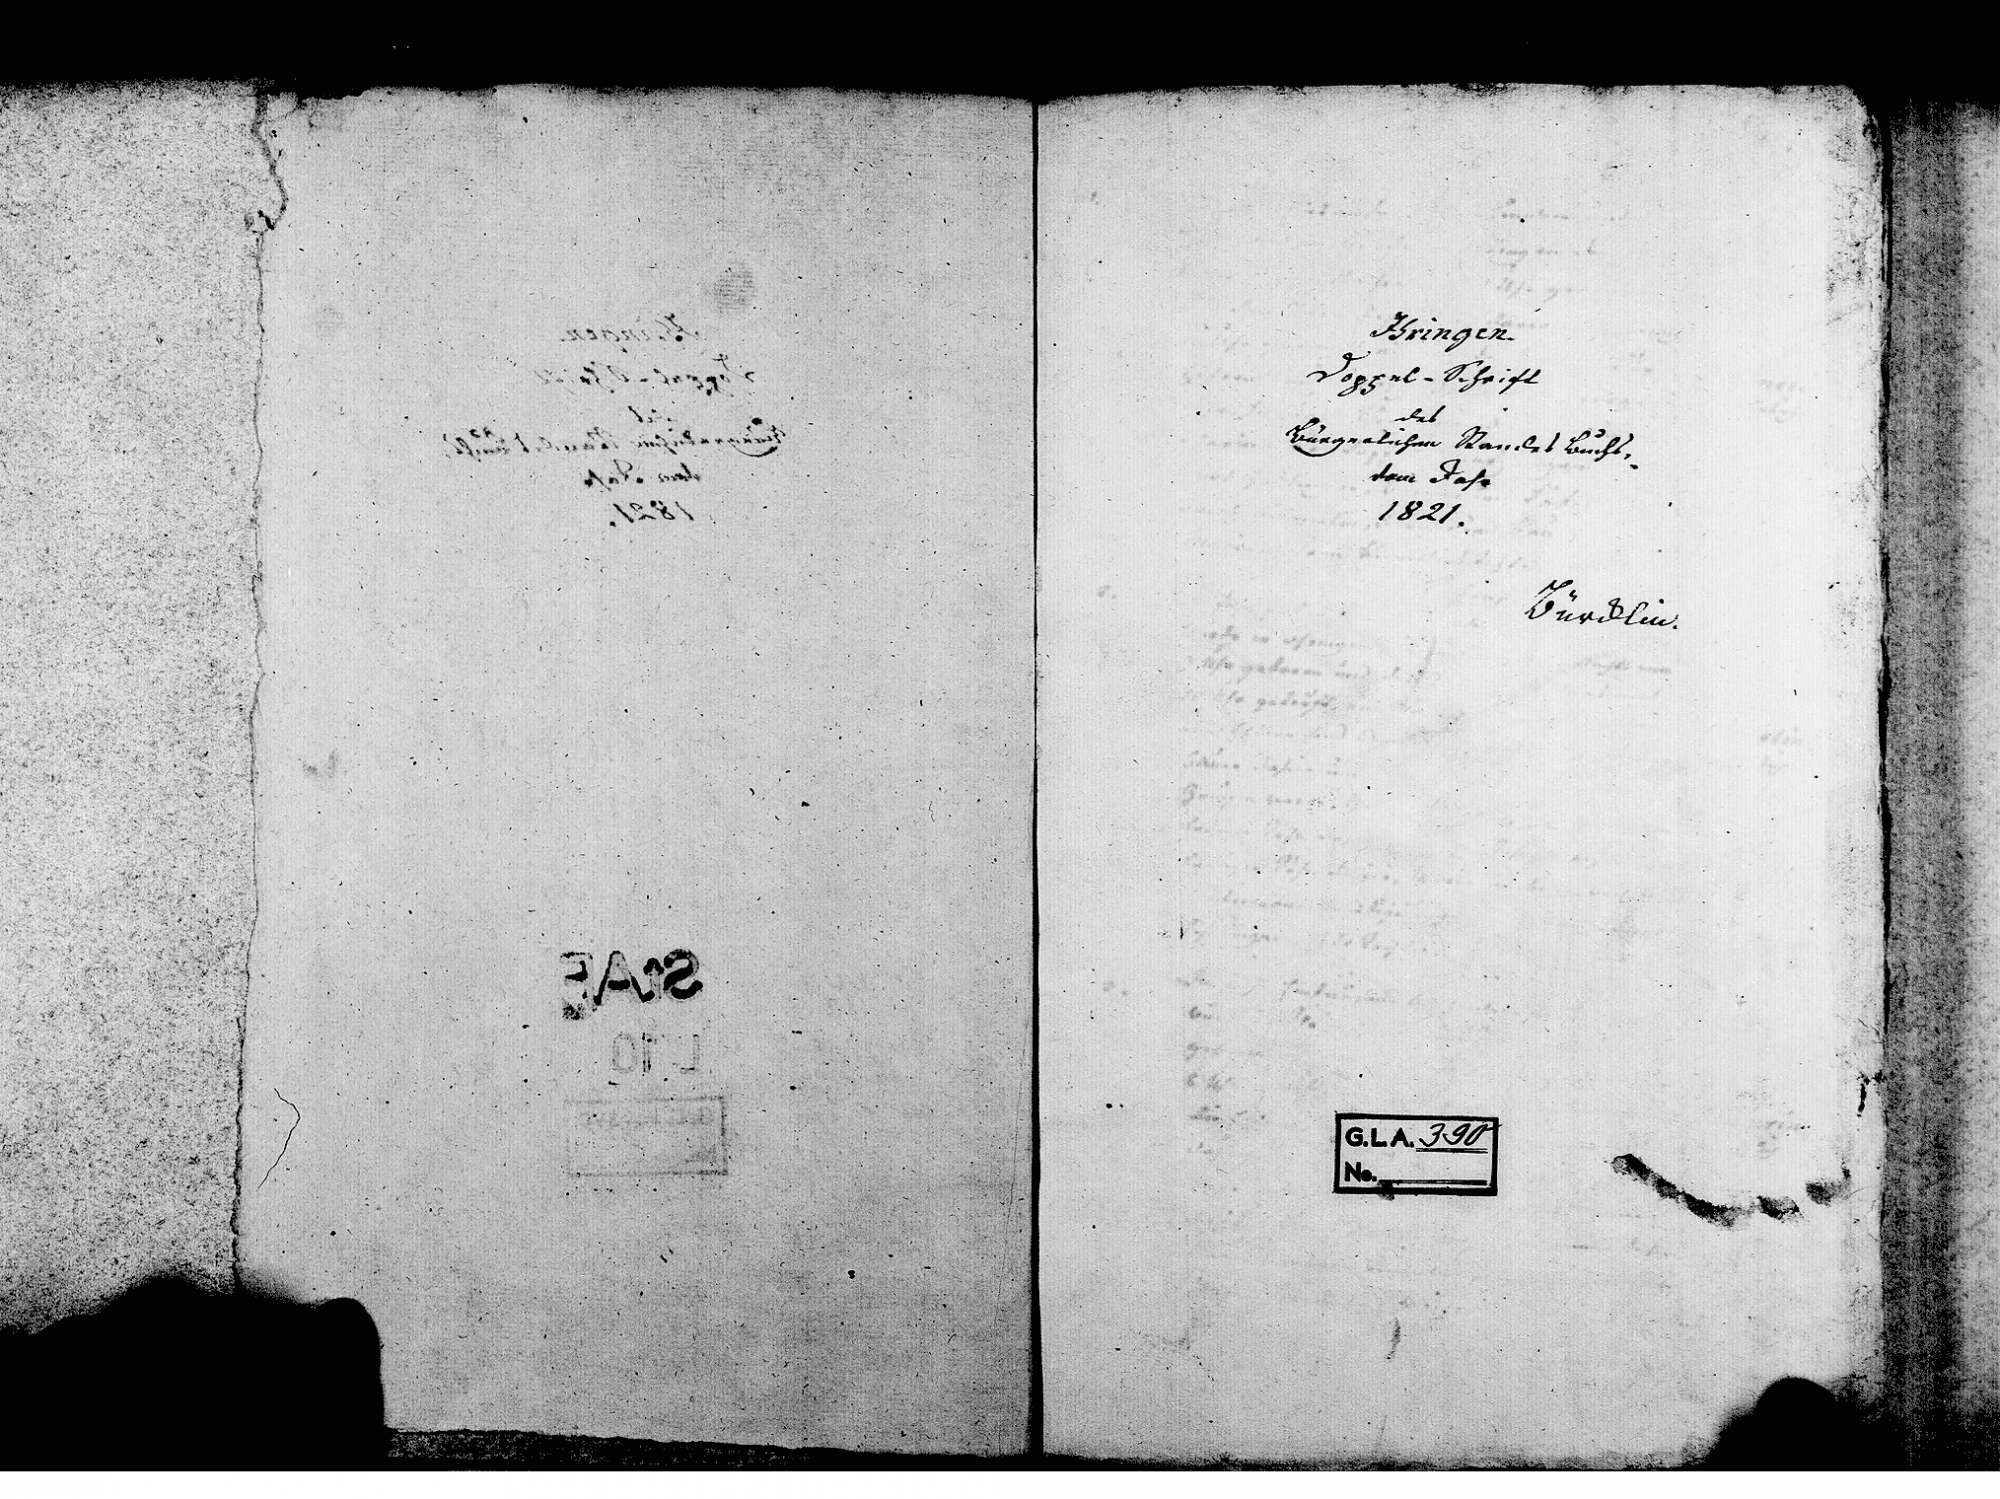 Ihringen FR; Evangelische Gemeinde: Standesbuch 1821-1828 Ihringen FR; Israelitische Gemeinde: Standesbuch 1821-1828, Bild 3